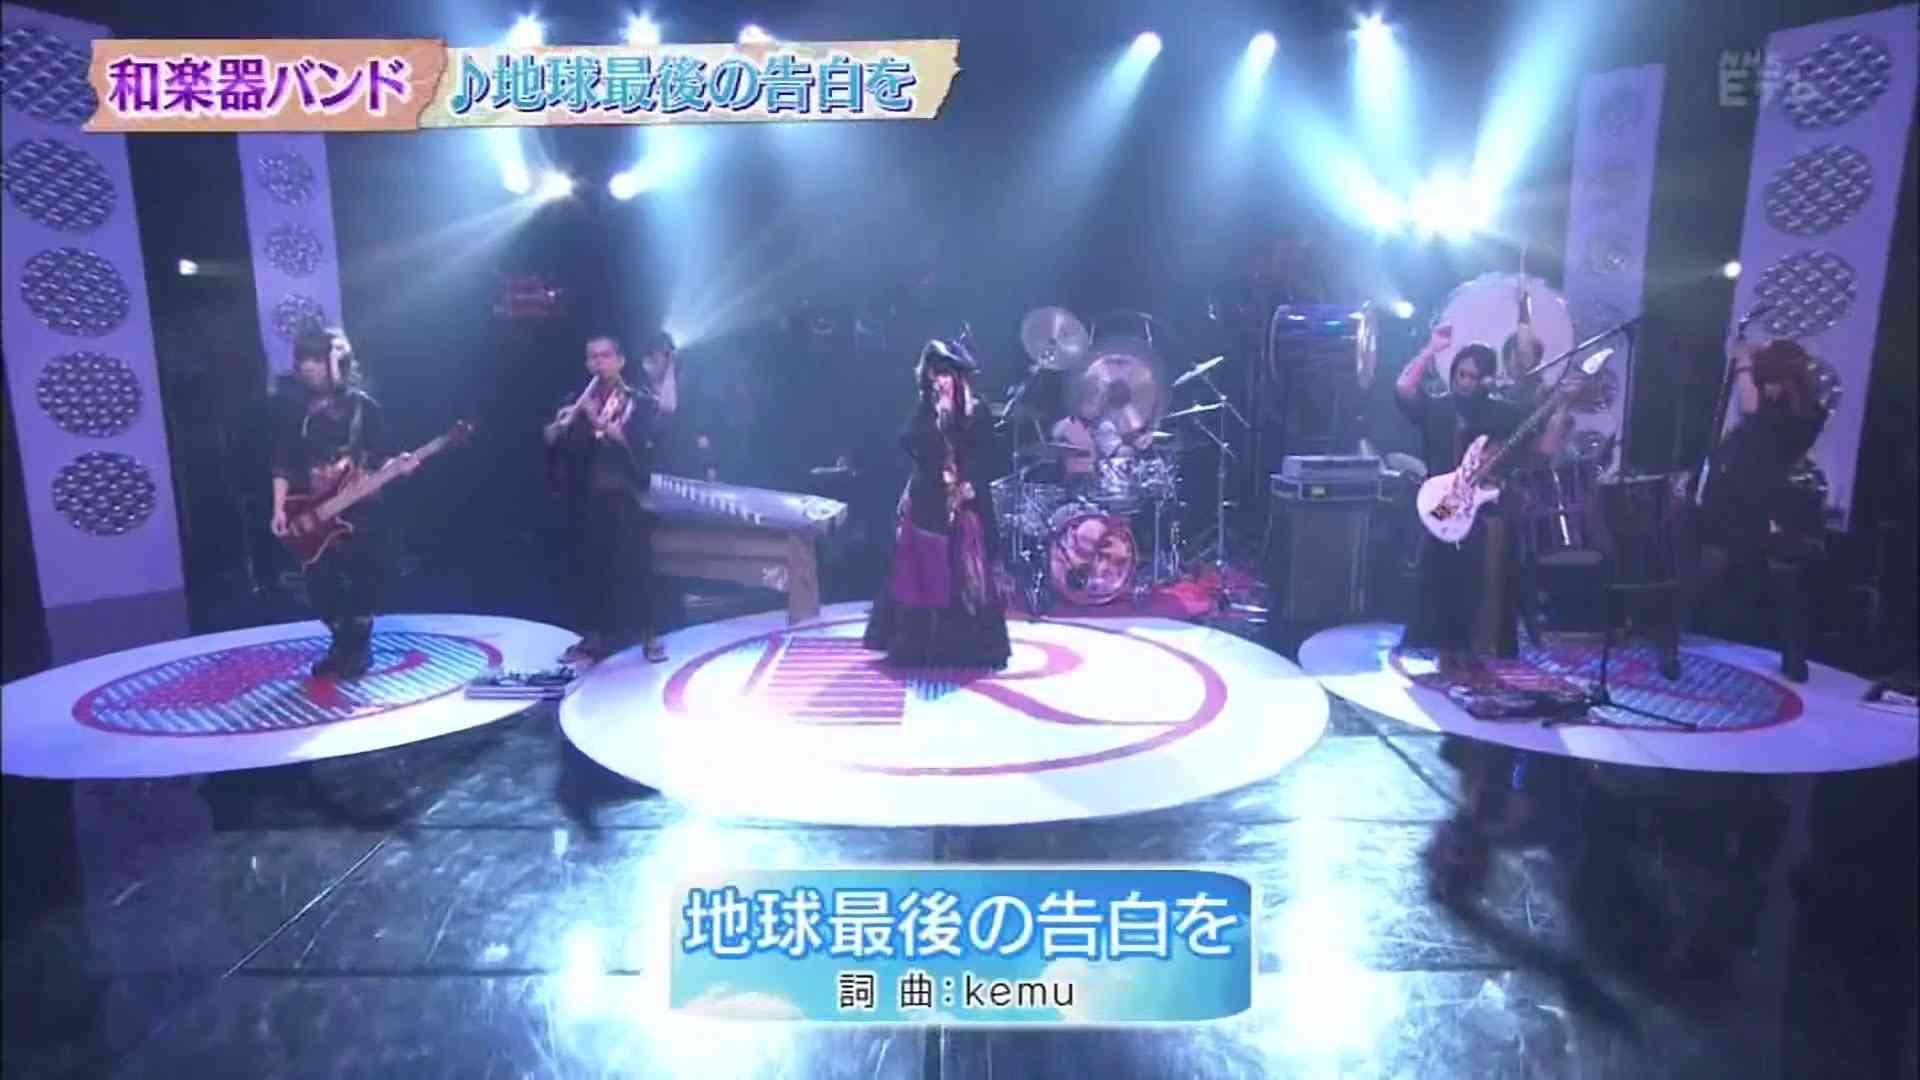 Wagakki Band / 和楽器バンド - Chikyu Saigo no Kokuhaku wo / 地球最後の告白を (Live at R no Housoku 2015) - YouTube